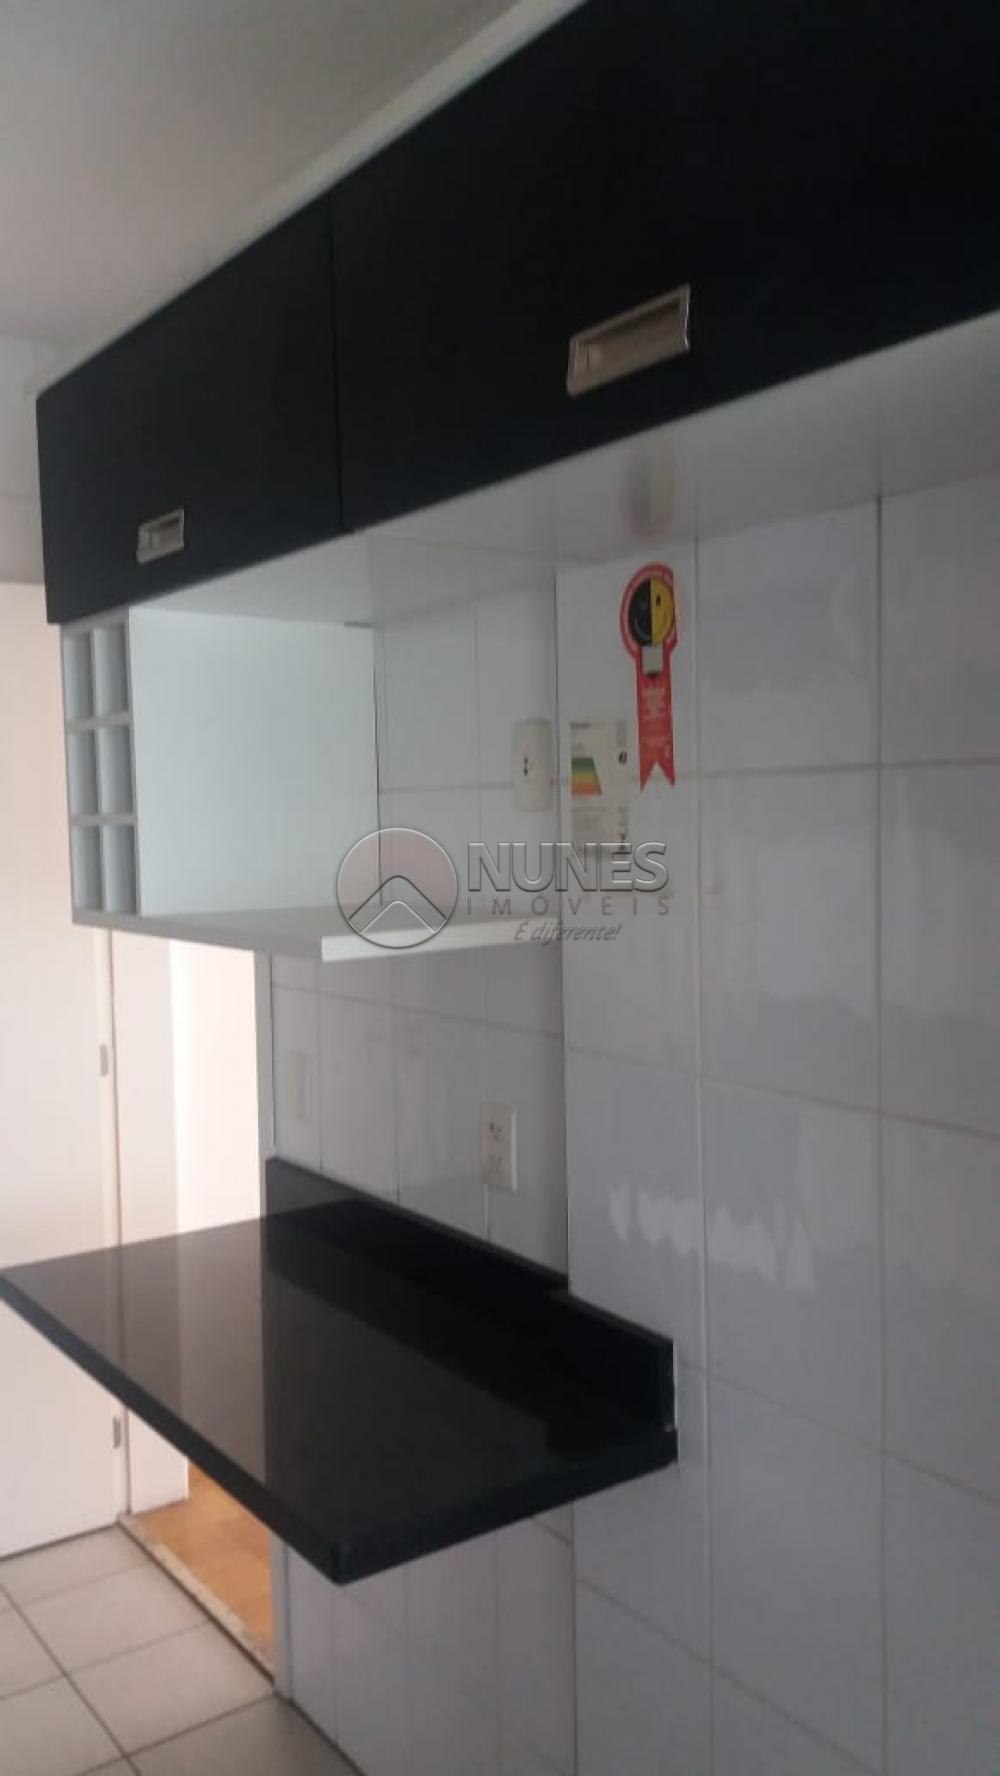 Comprar Apartamento / Padrão em São Paulo apenas R$ 640.000,00 - Foto 11